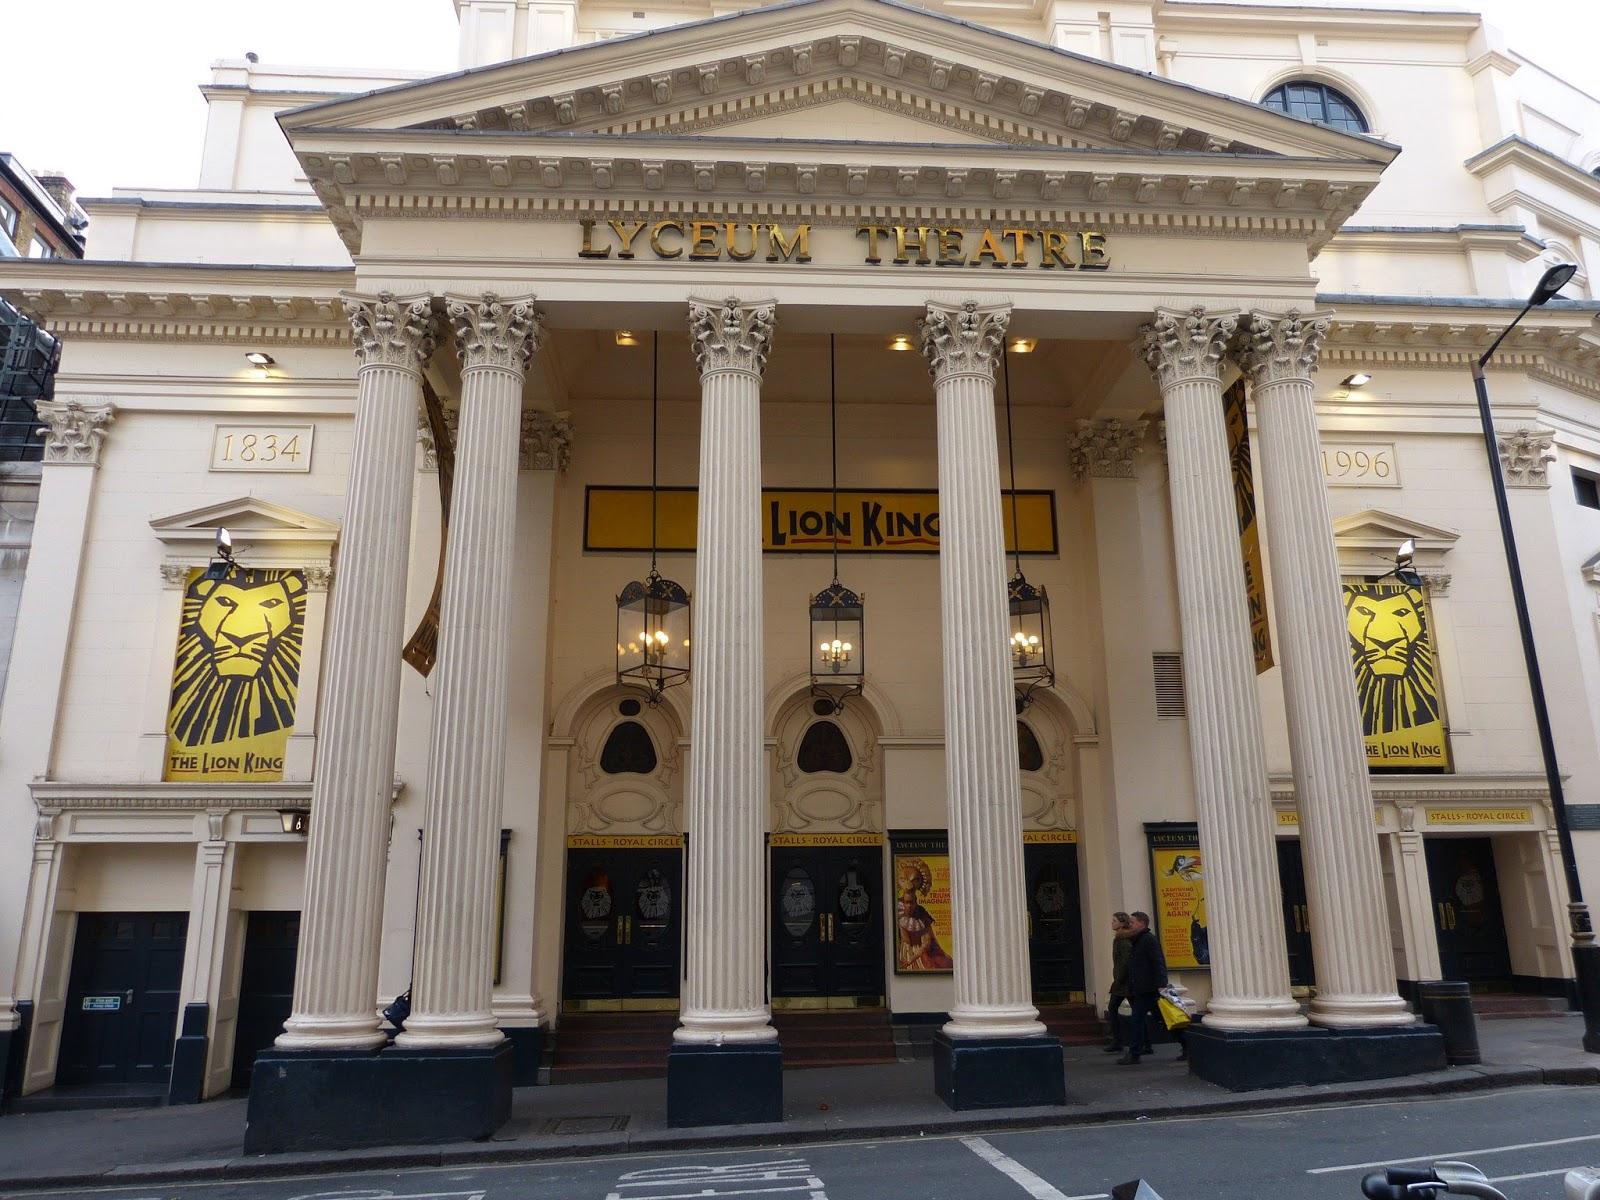 Lyceum Theatre 2015